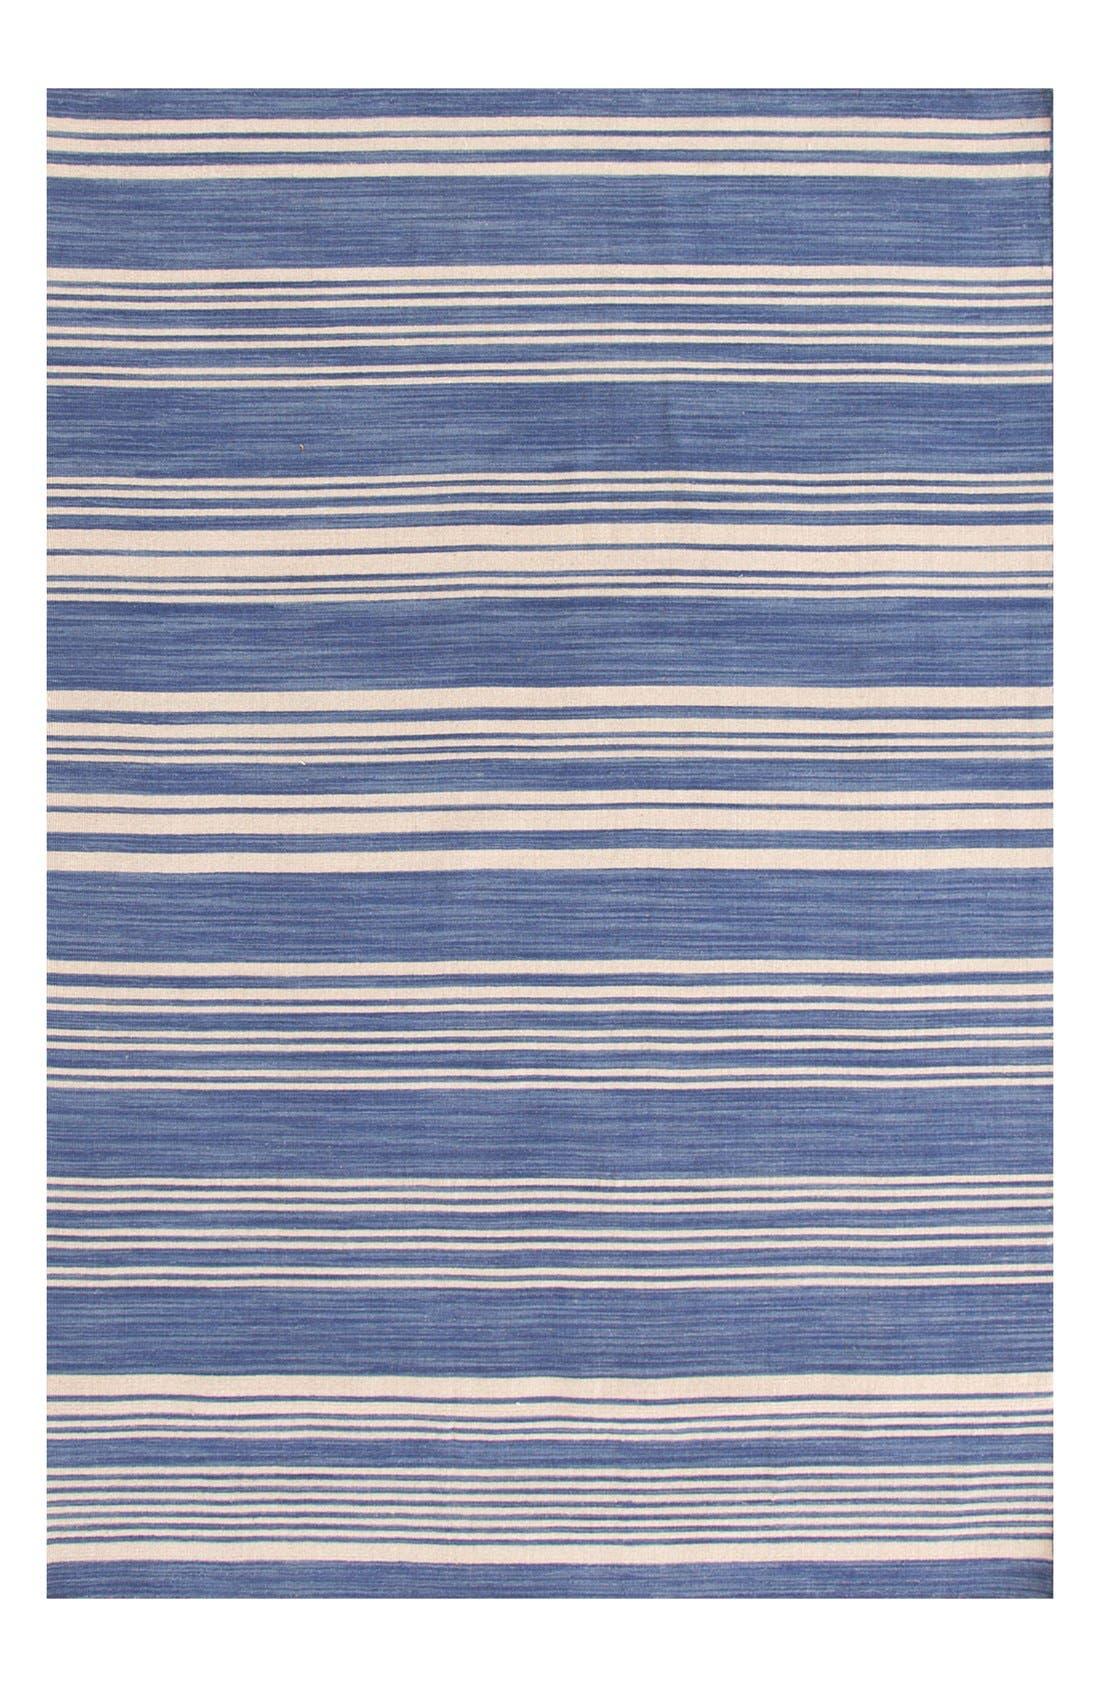 Main Image - Dash & Albert 'Cottage' Stripe Wool Rug